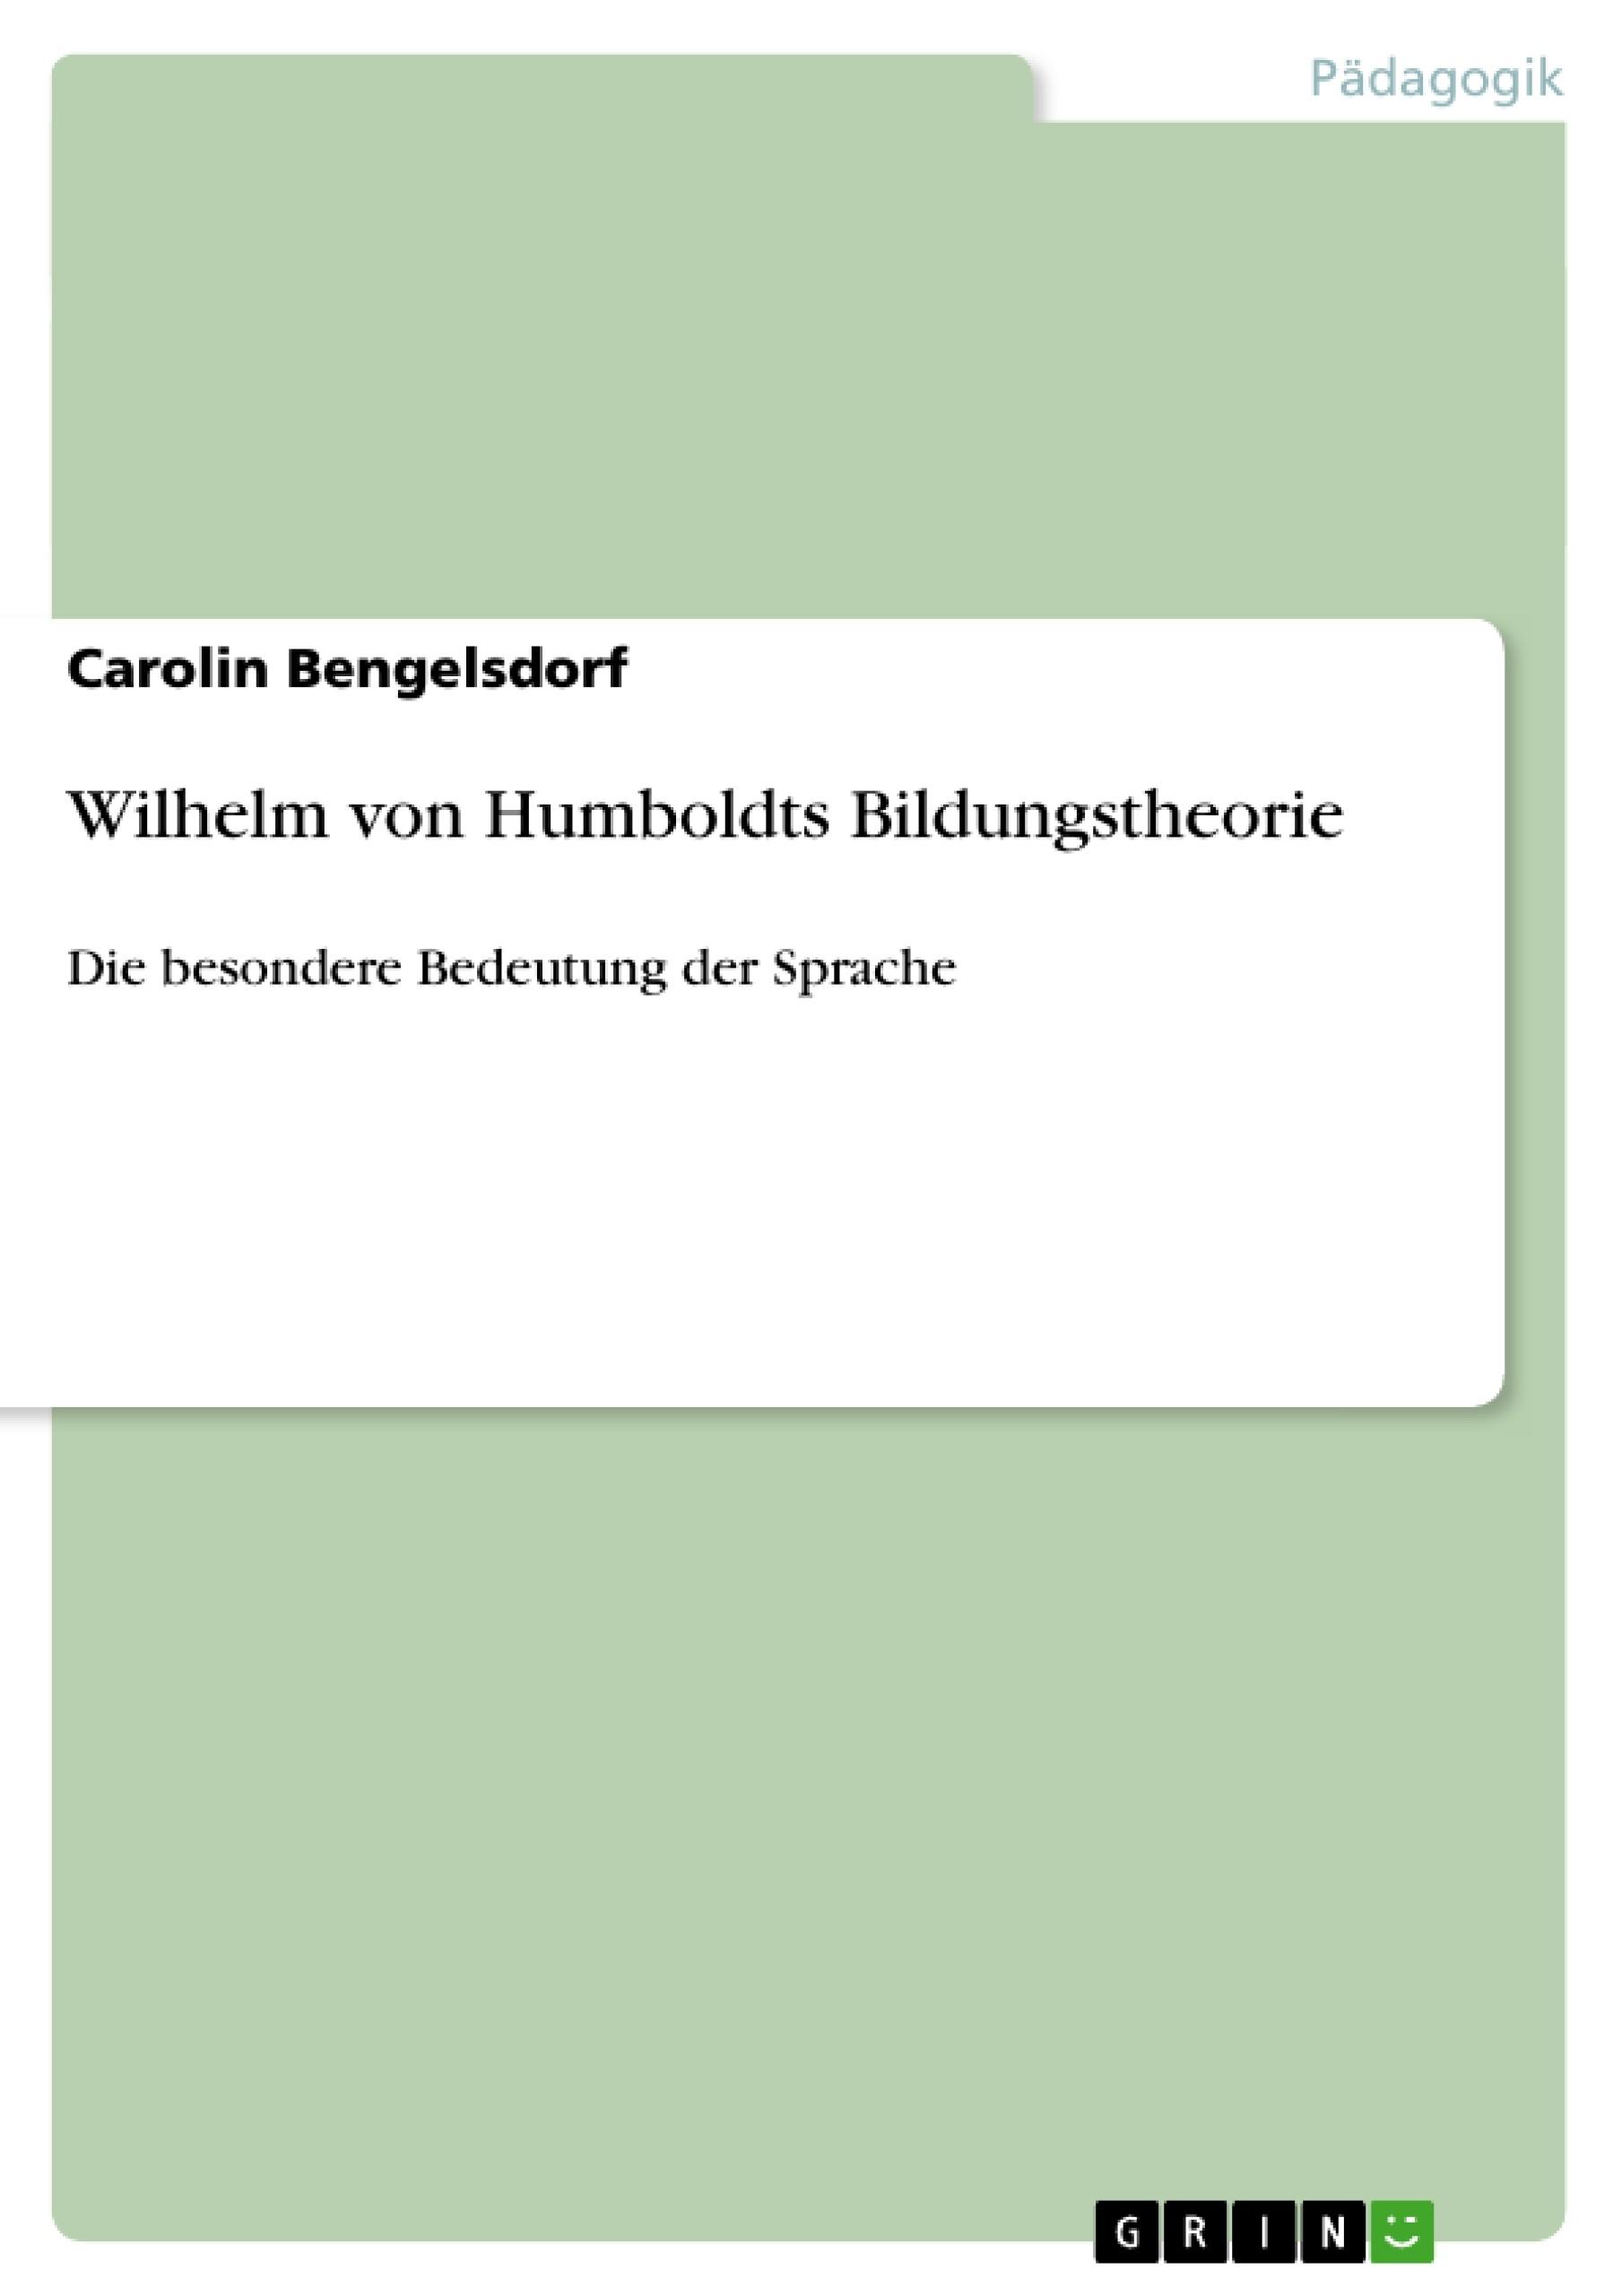 Titel: Wilhelm von Humboldts Bildungstheorie